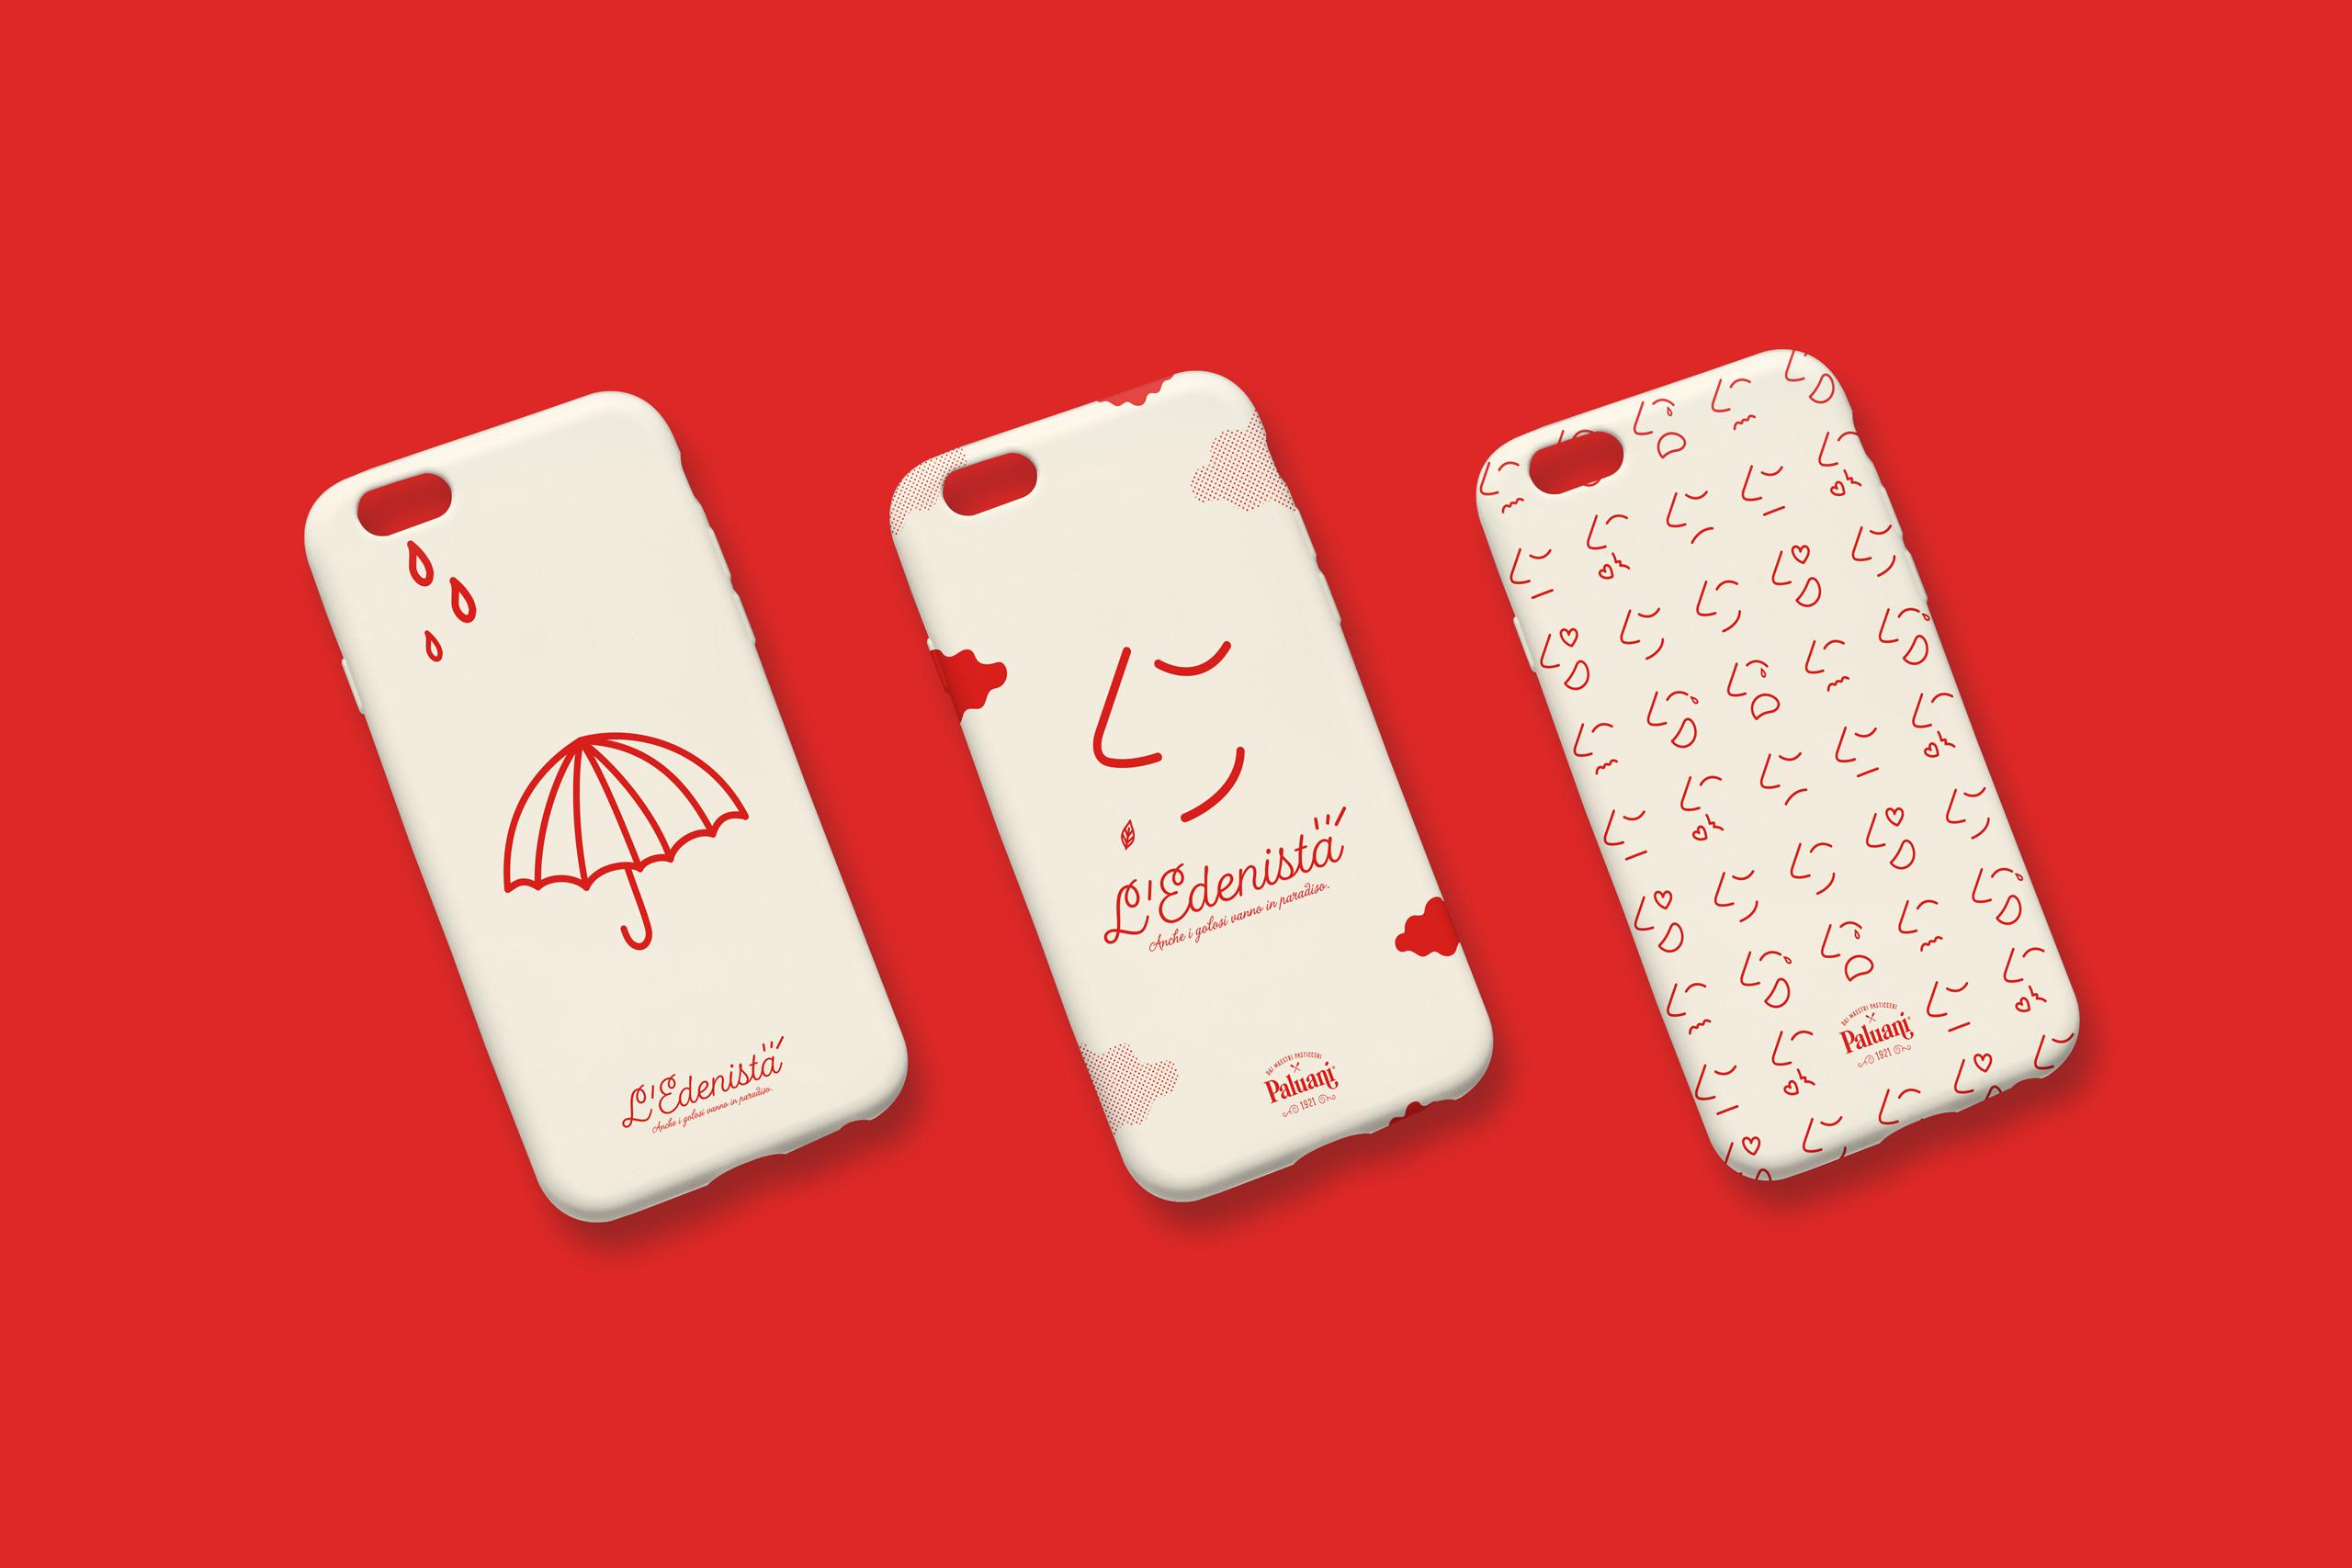 Edenista_iPhone-Case-Mockup